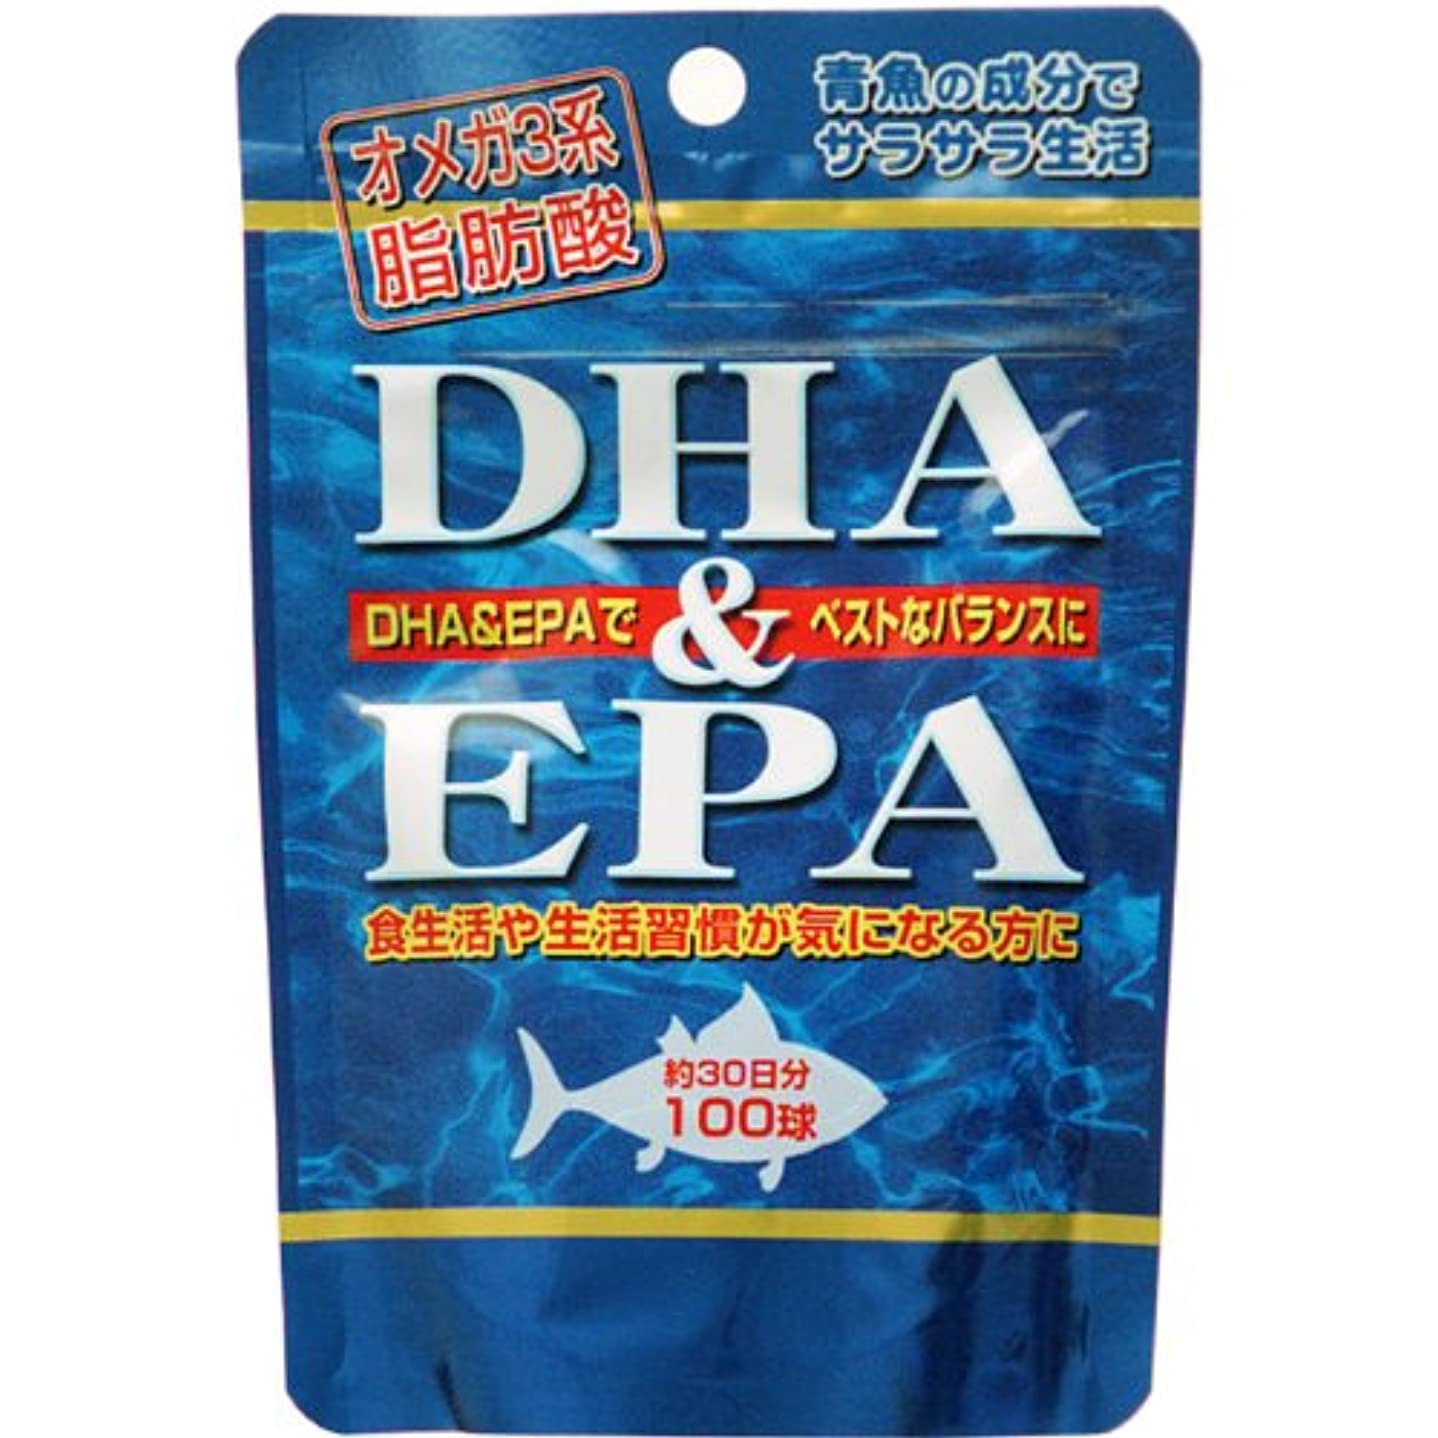 市長悩みテキストDHA(ドコサヘキサエン酸)&EPA(エイコサペンタエン酸)×6